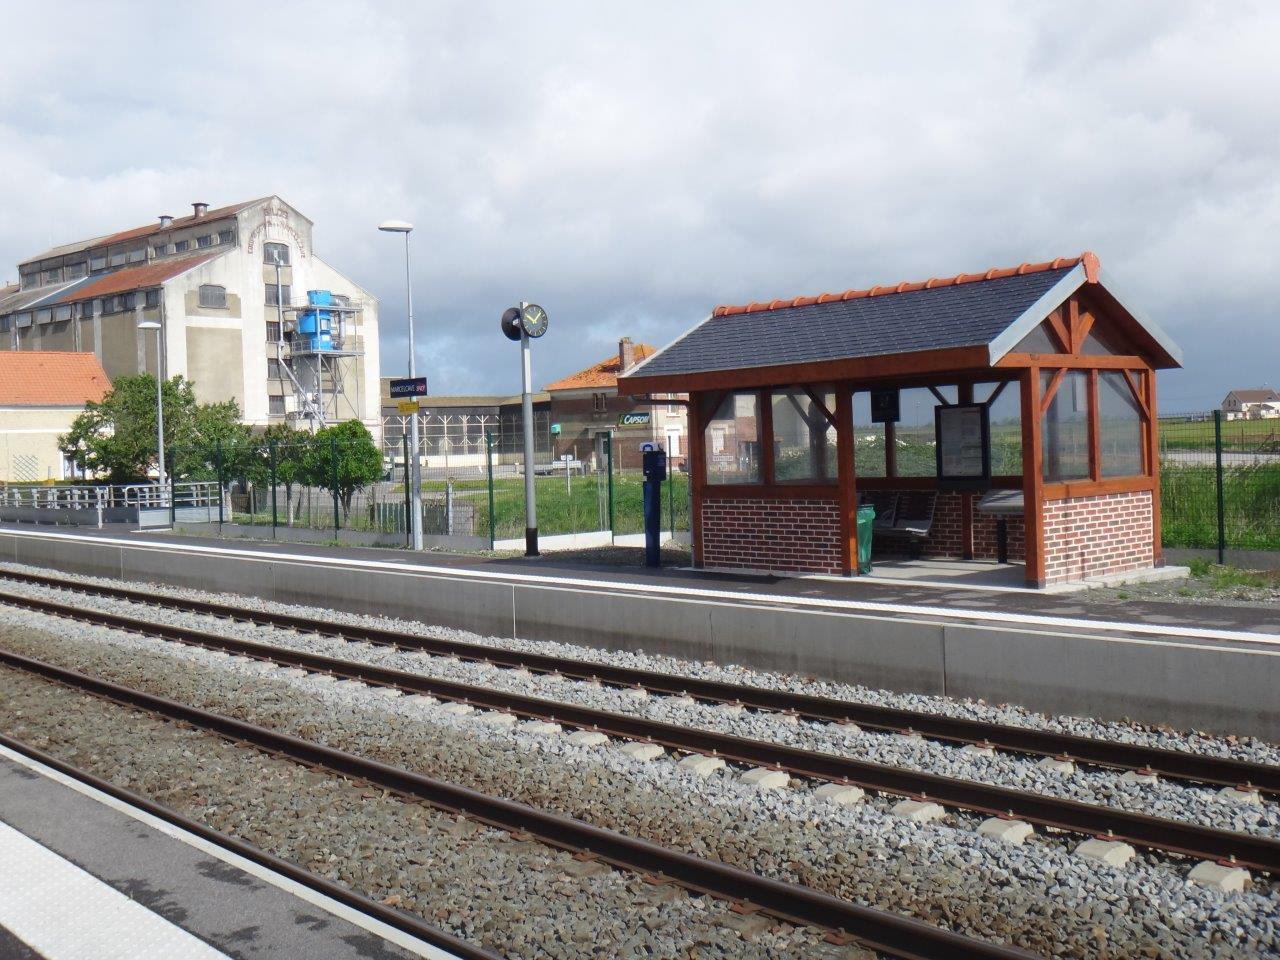 gare-de-marcelcave-train-station